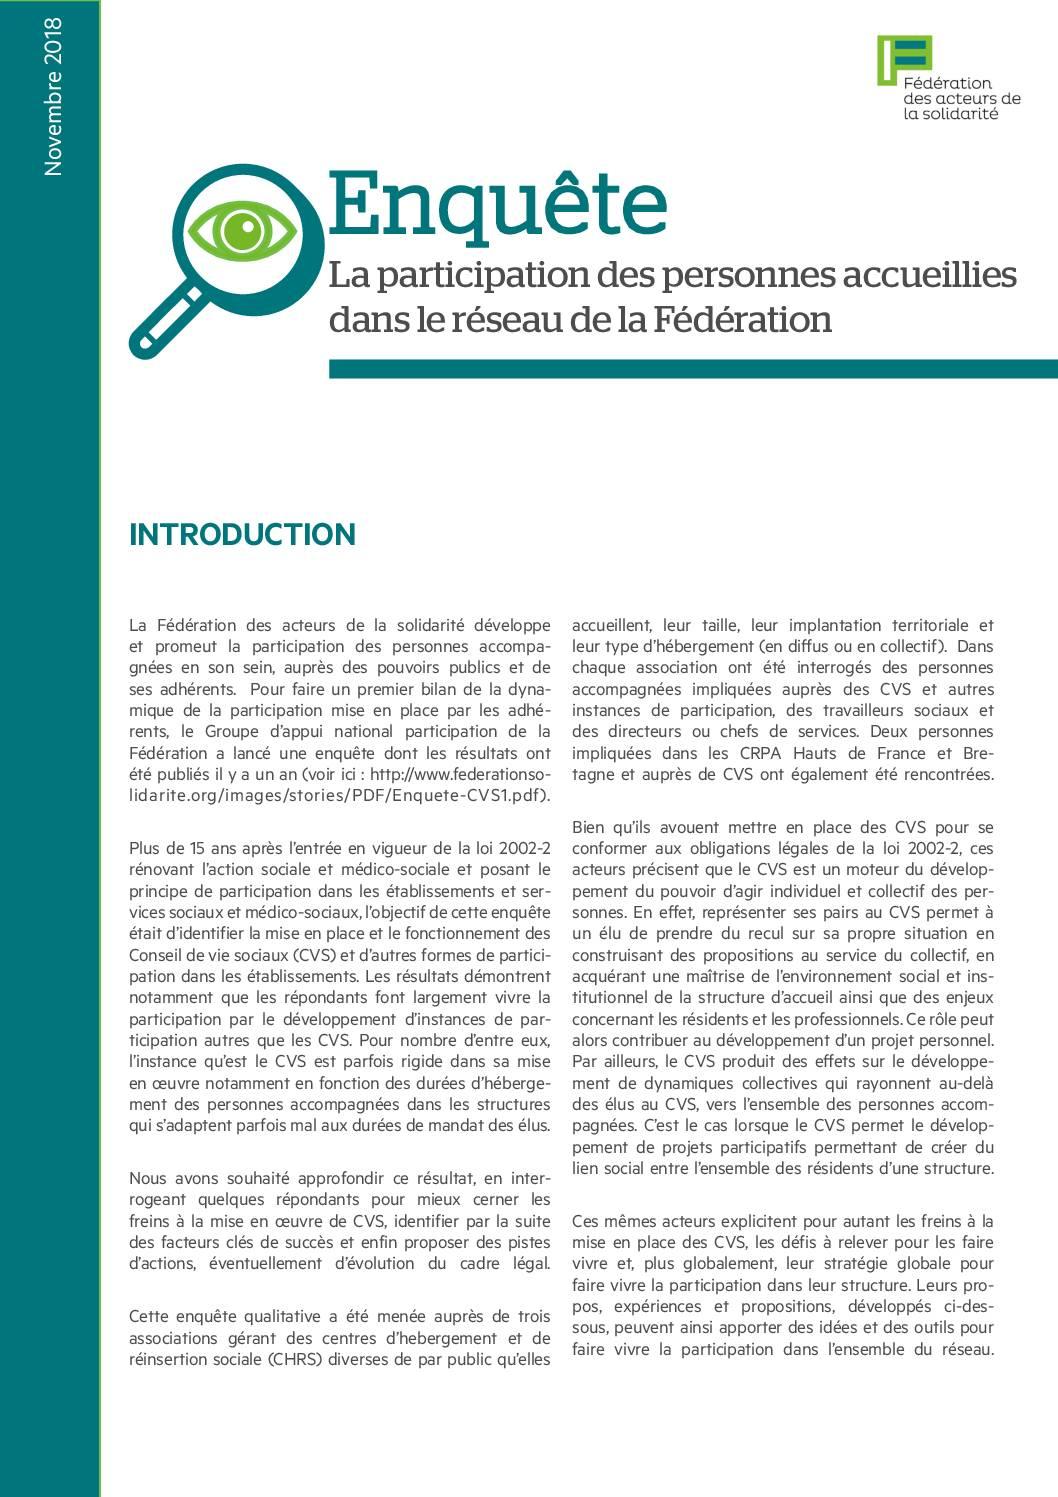 Enquête 2018 - La participation des personnes accueillies dans le réseau de la Fédération